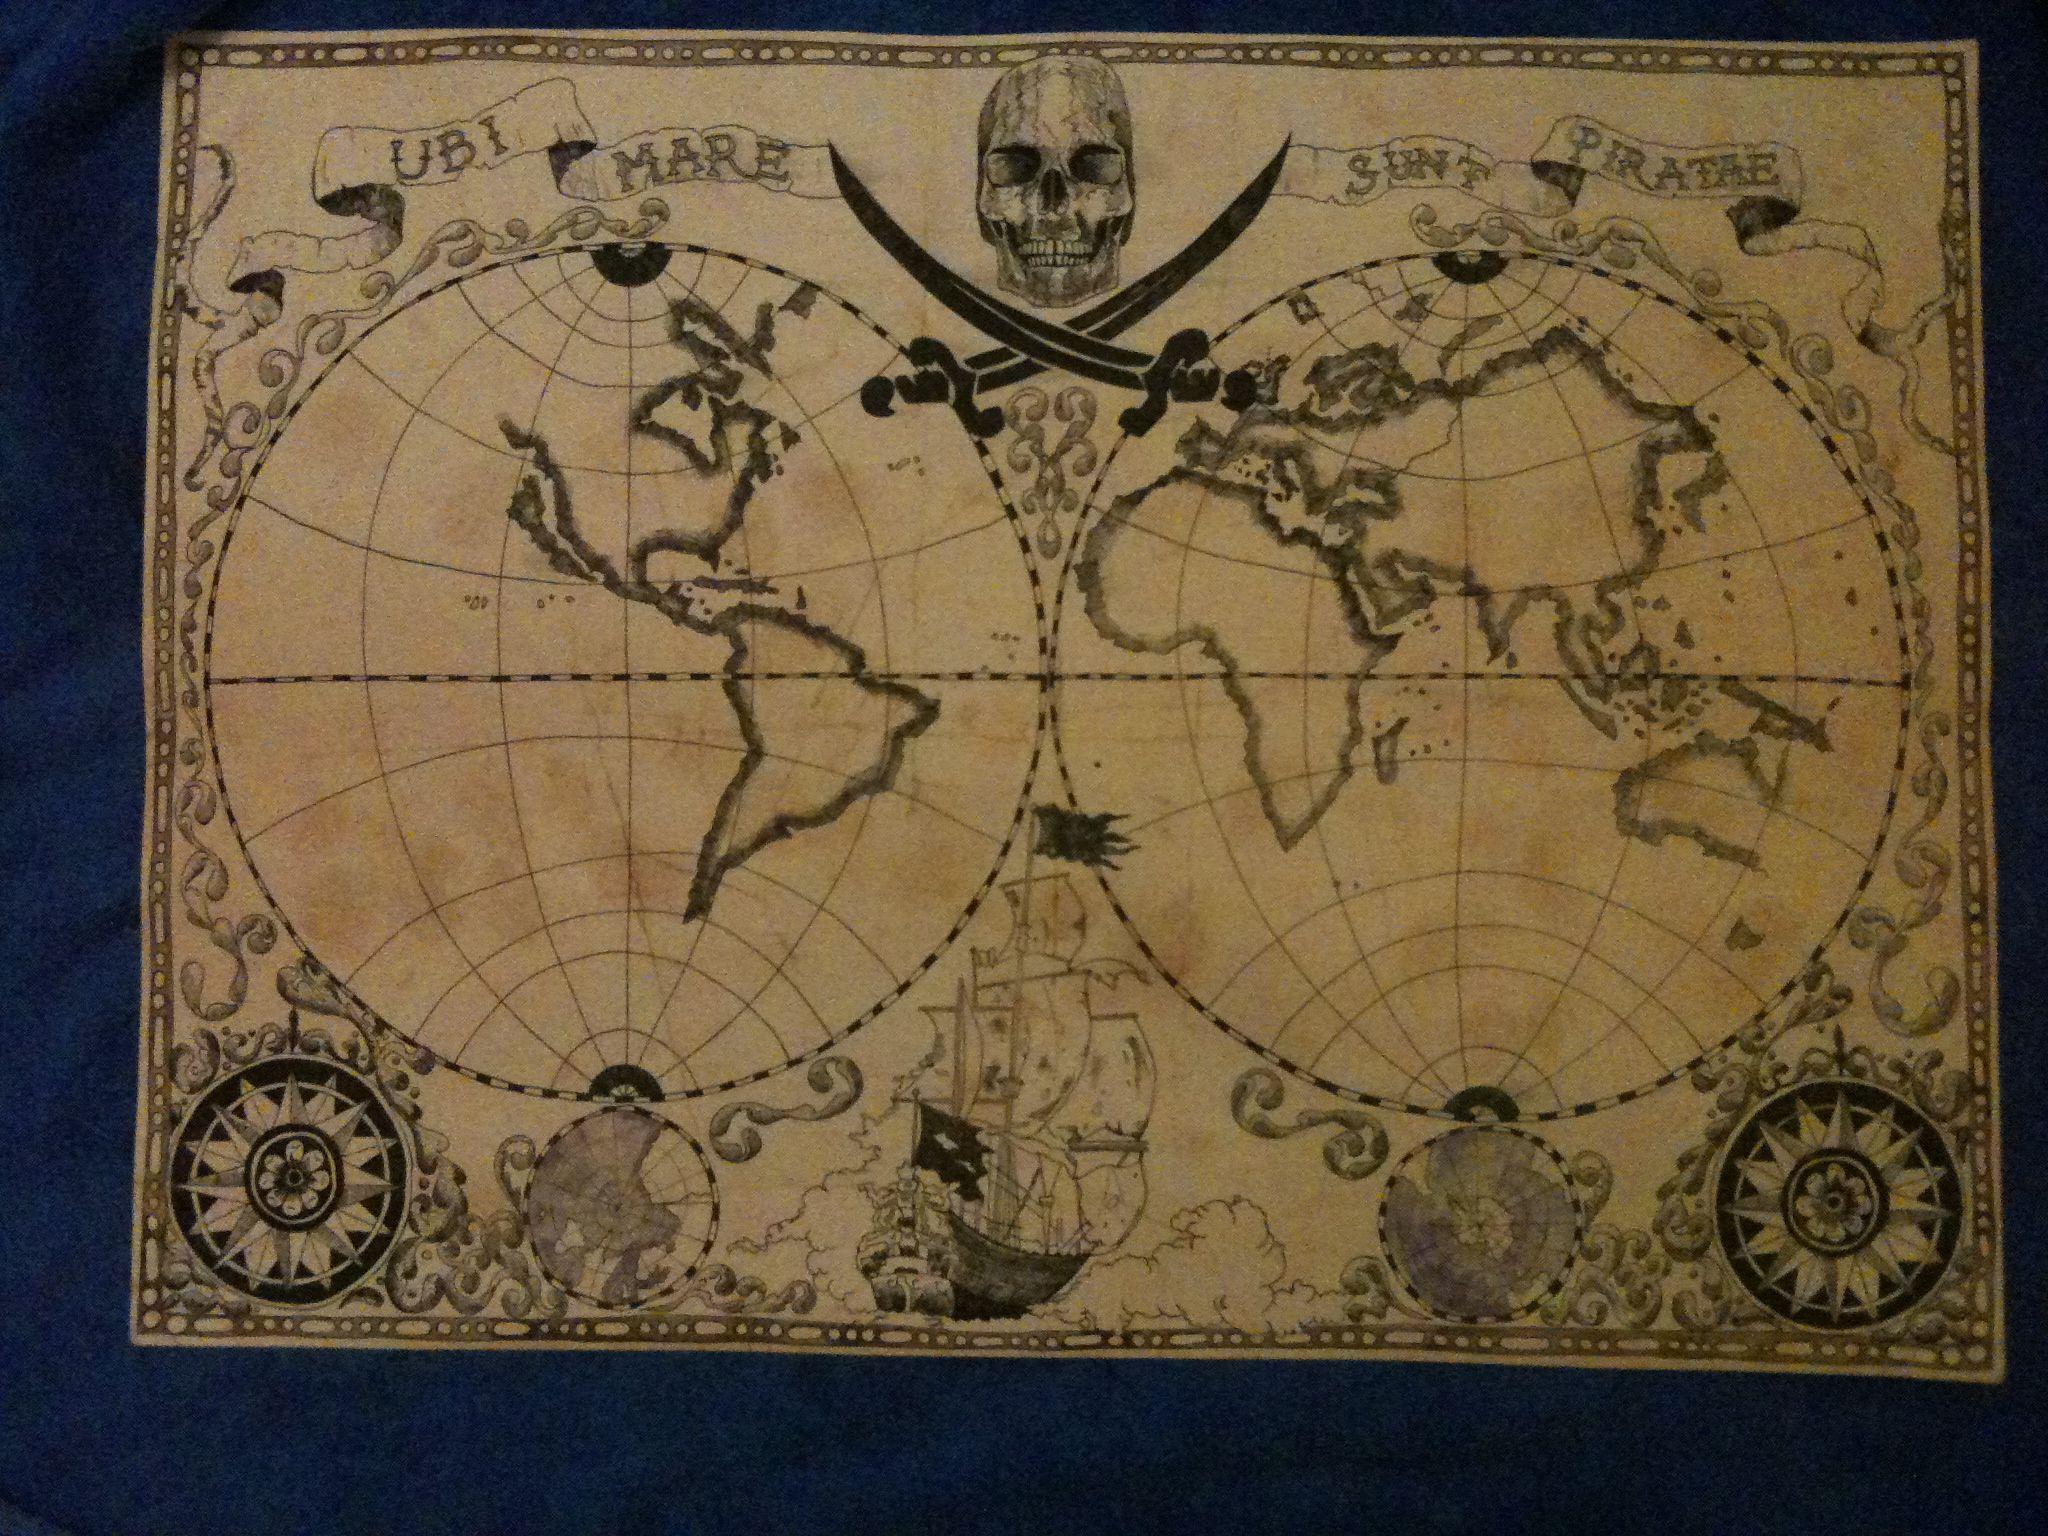 увидели таинственная карта картинки отпустила век